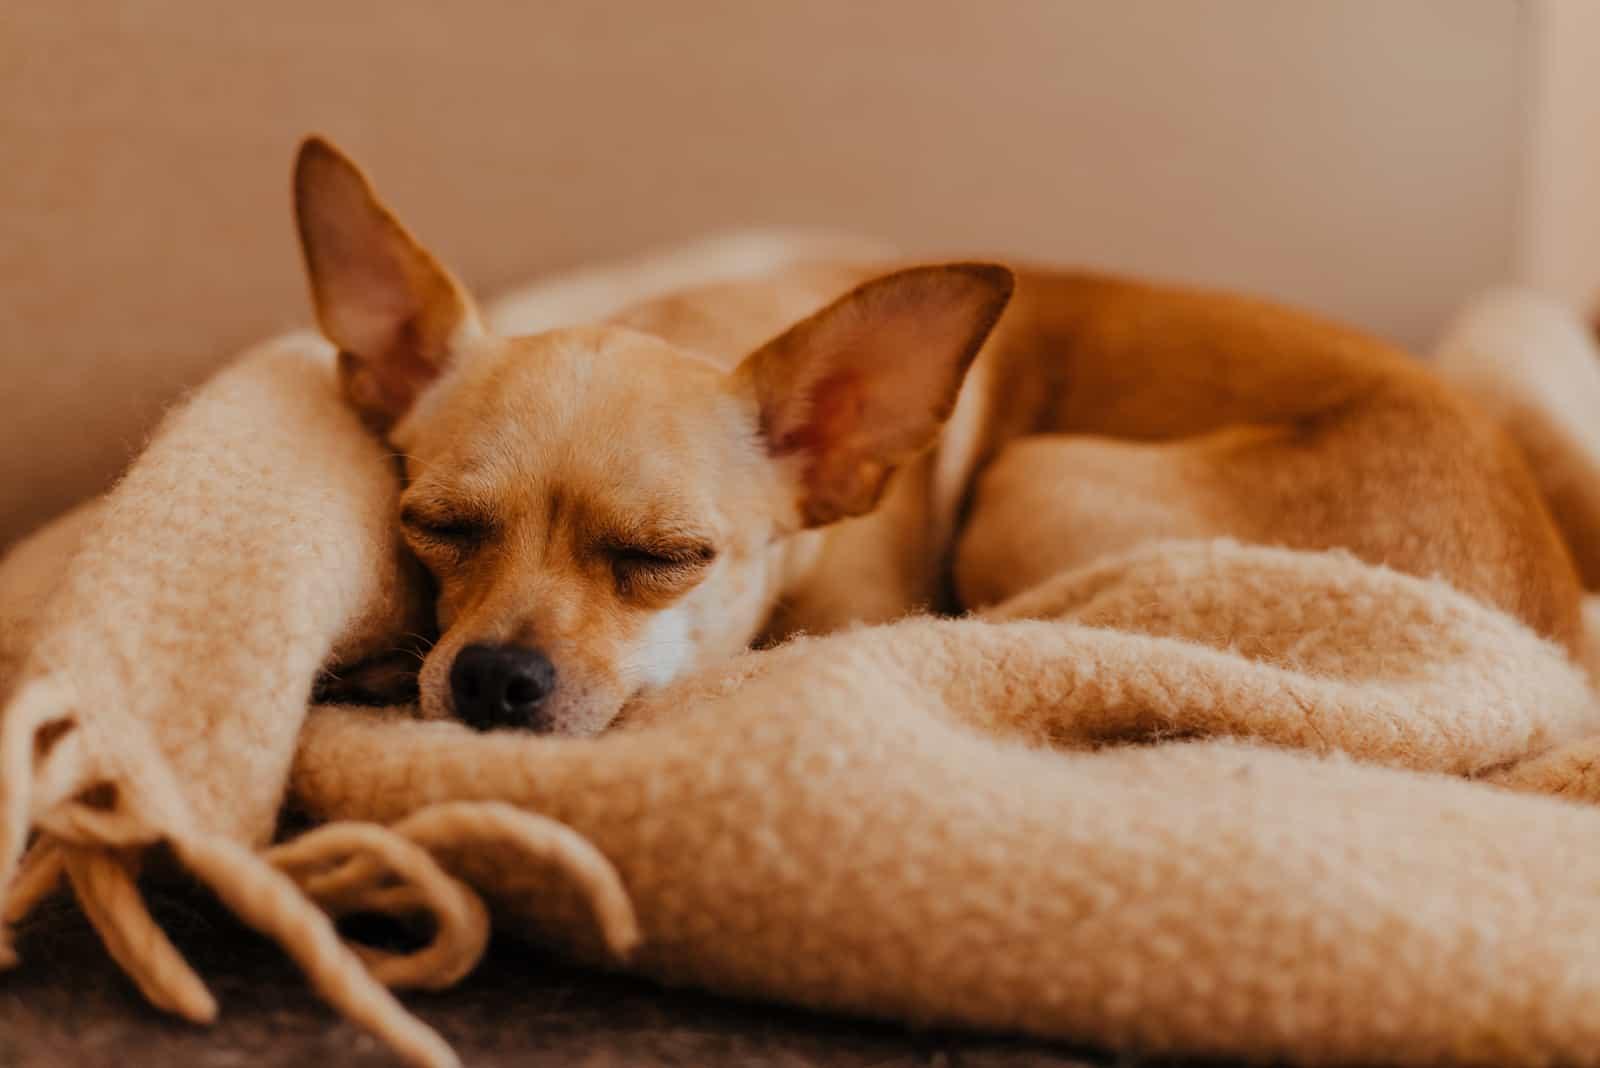 Hund schläft in Wolle gemütlich kariert zu Hause